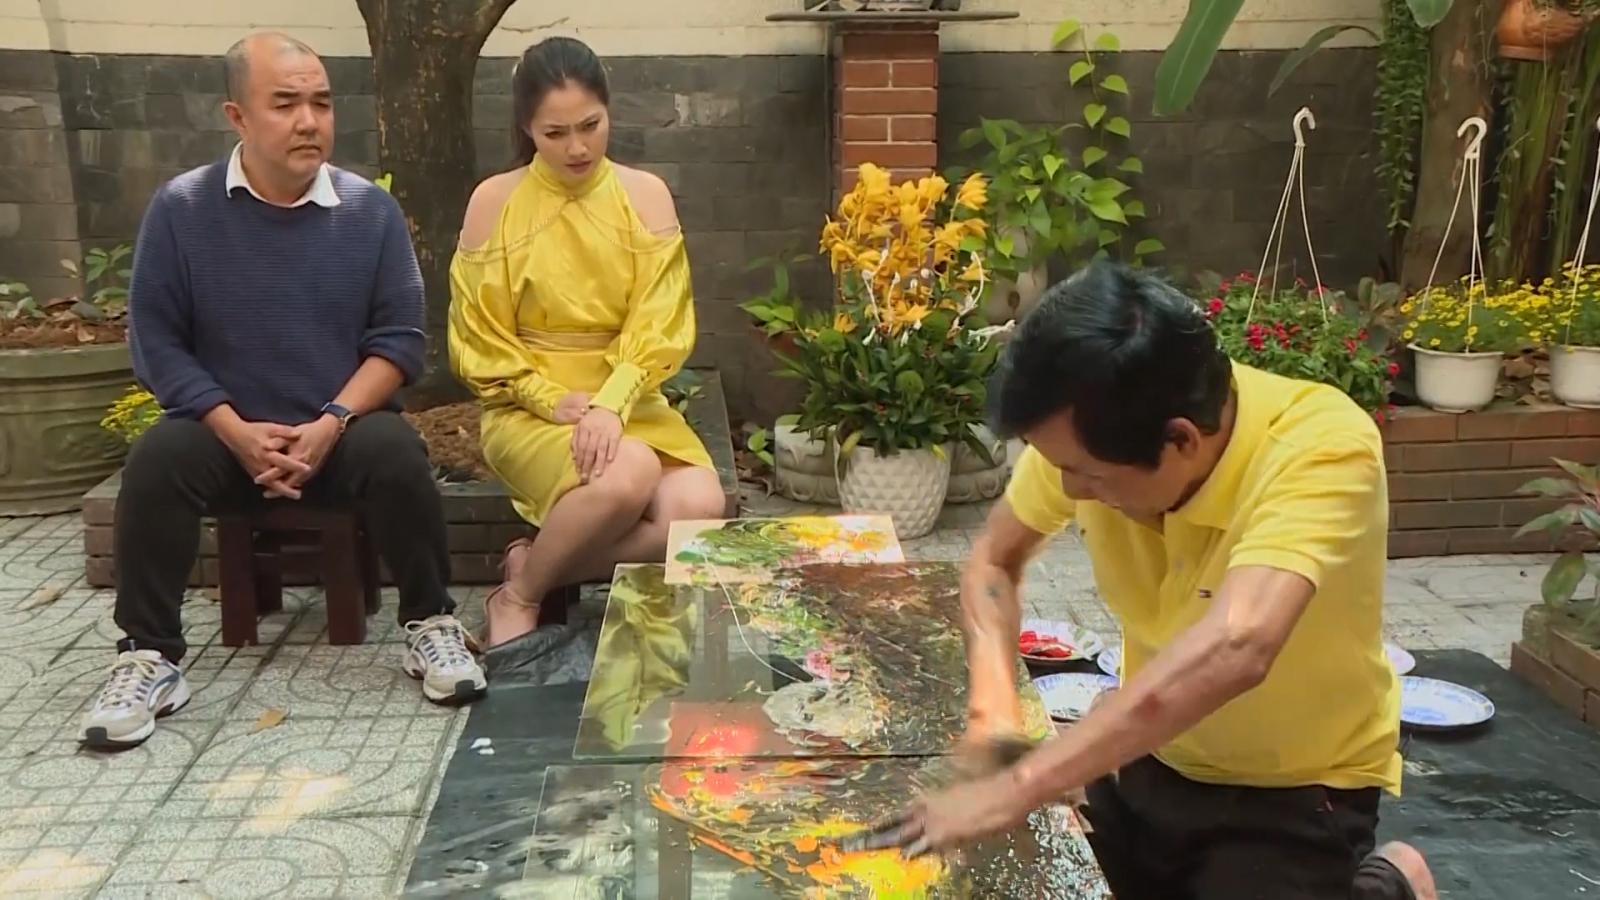 MC Quốc Thuận và Ngọc Lan bất ngờ về cuộc sống của họa sĩ ngoại cảm Đoàn Việt Tiến